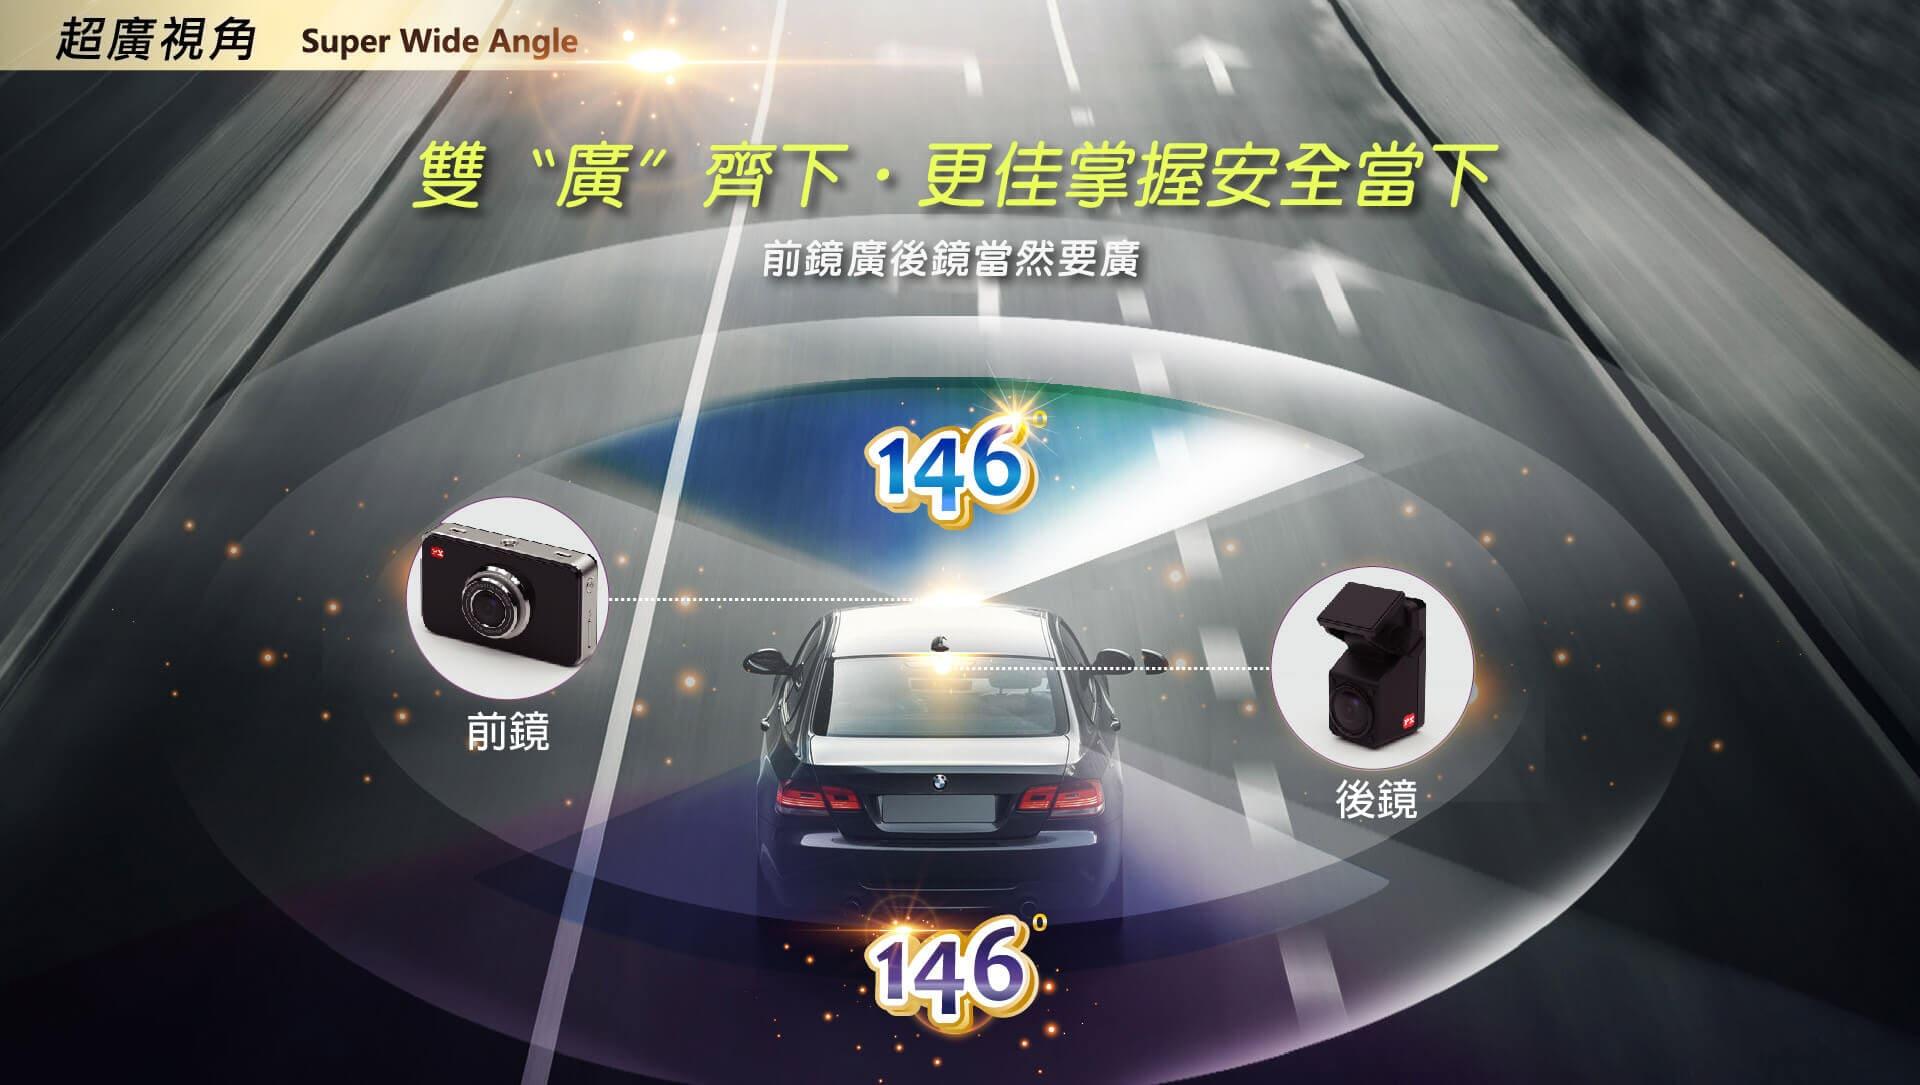 proimages/product/pro-01/pro-01-001/A9/A9-09.jpg